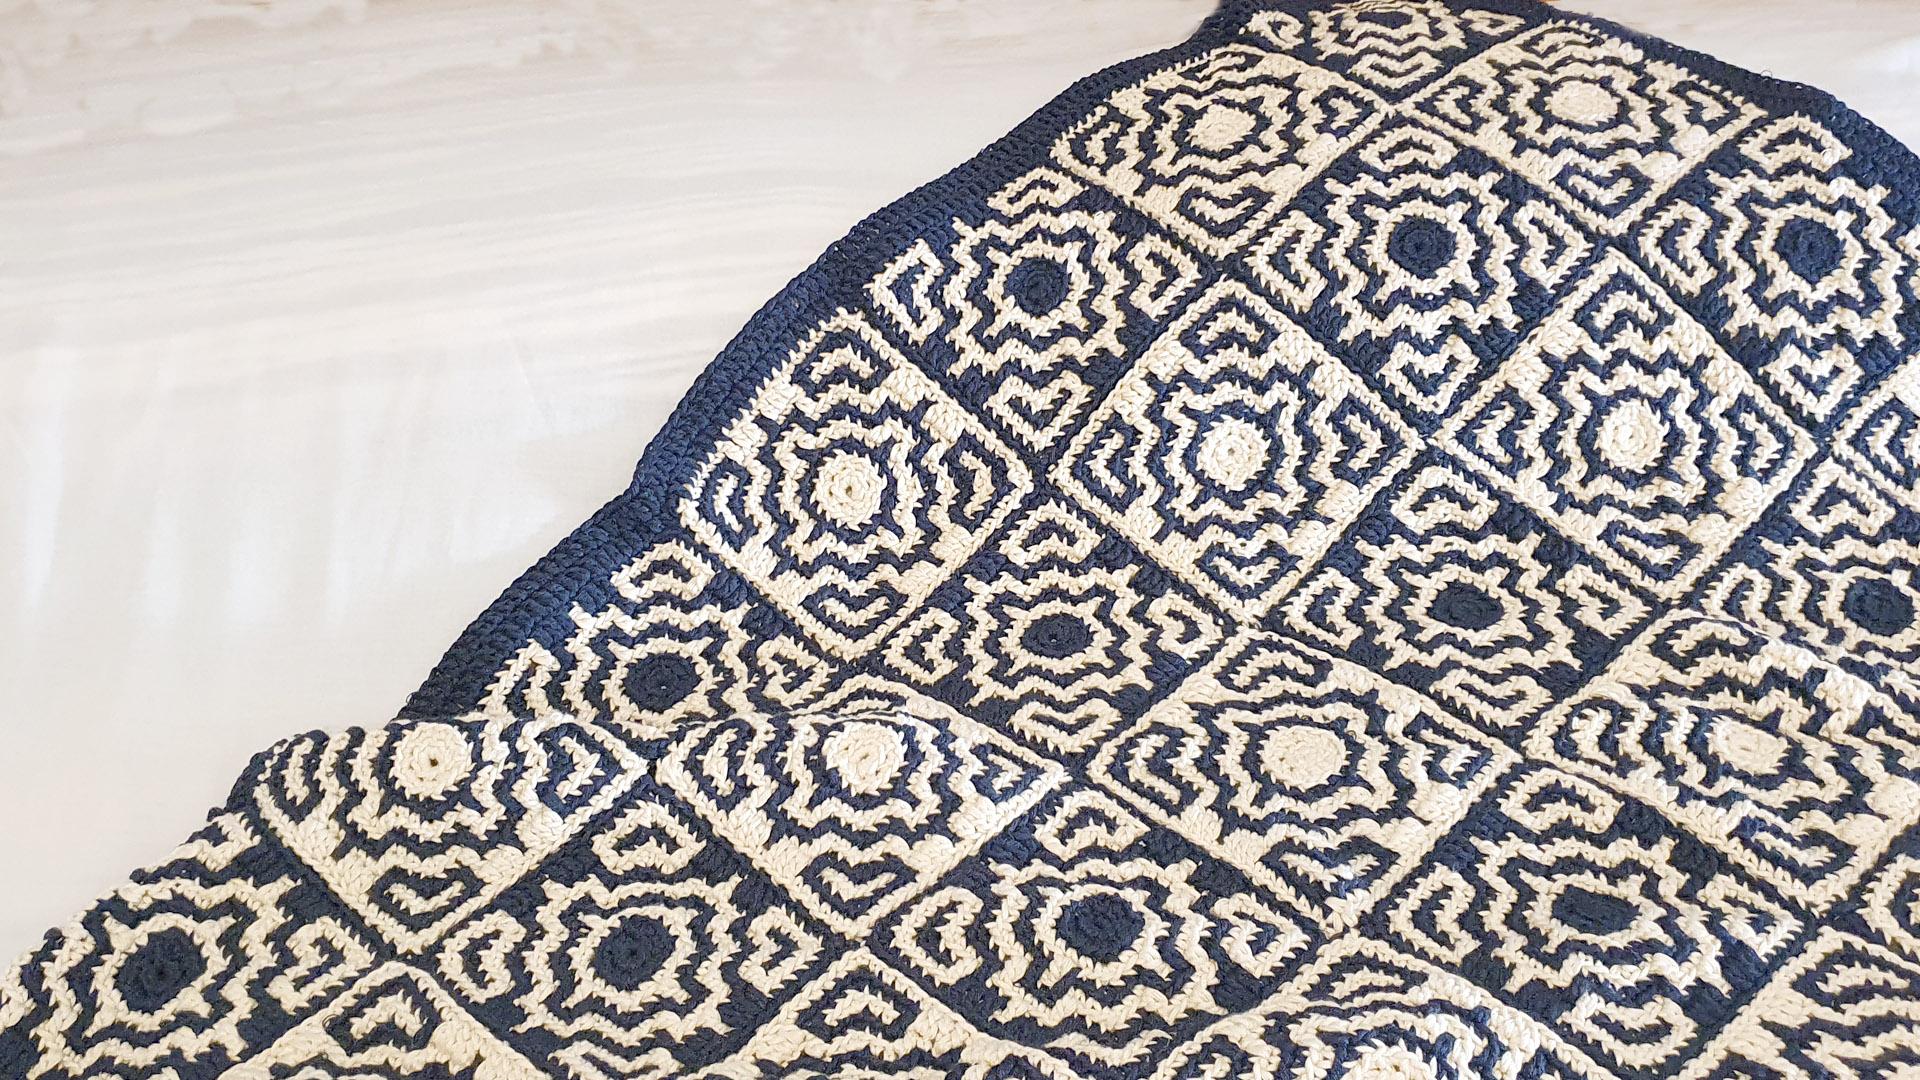 mosaic crochet blanket free pattern